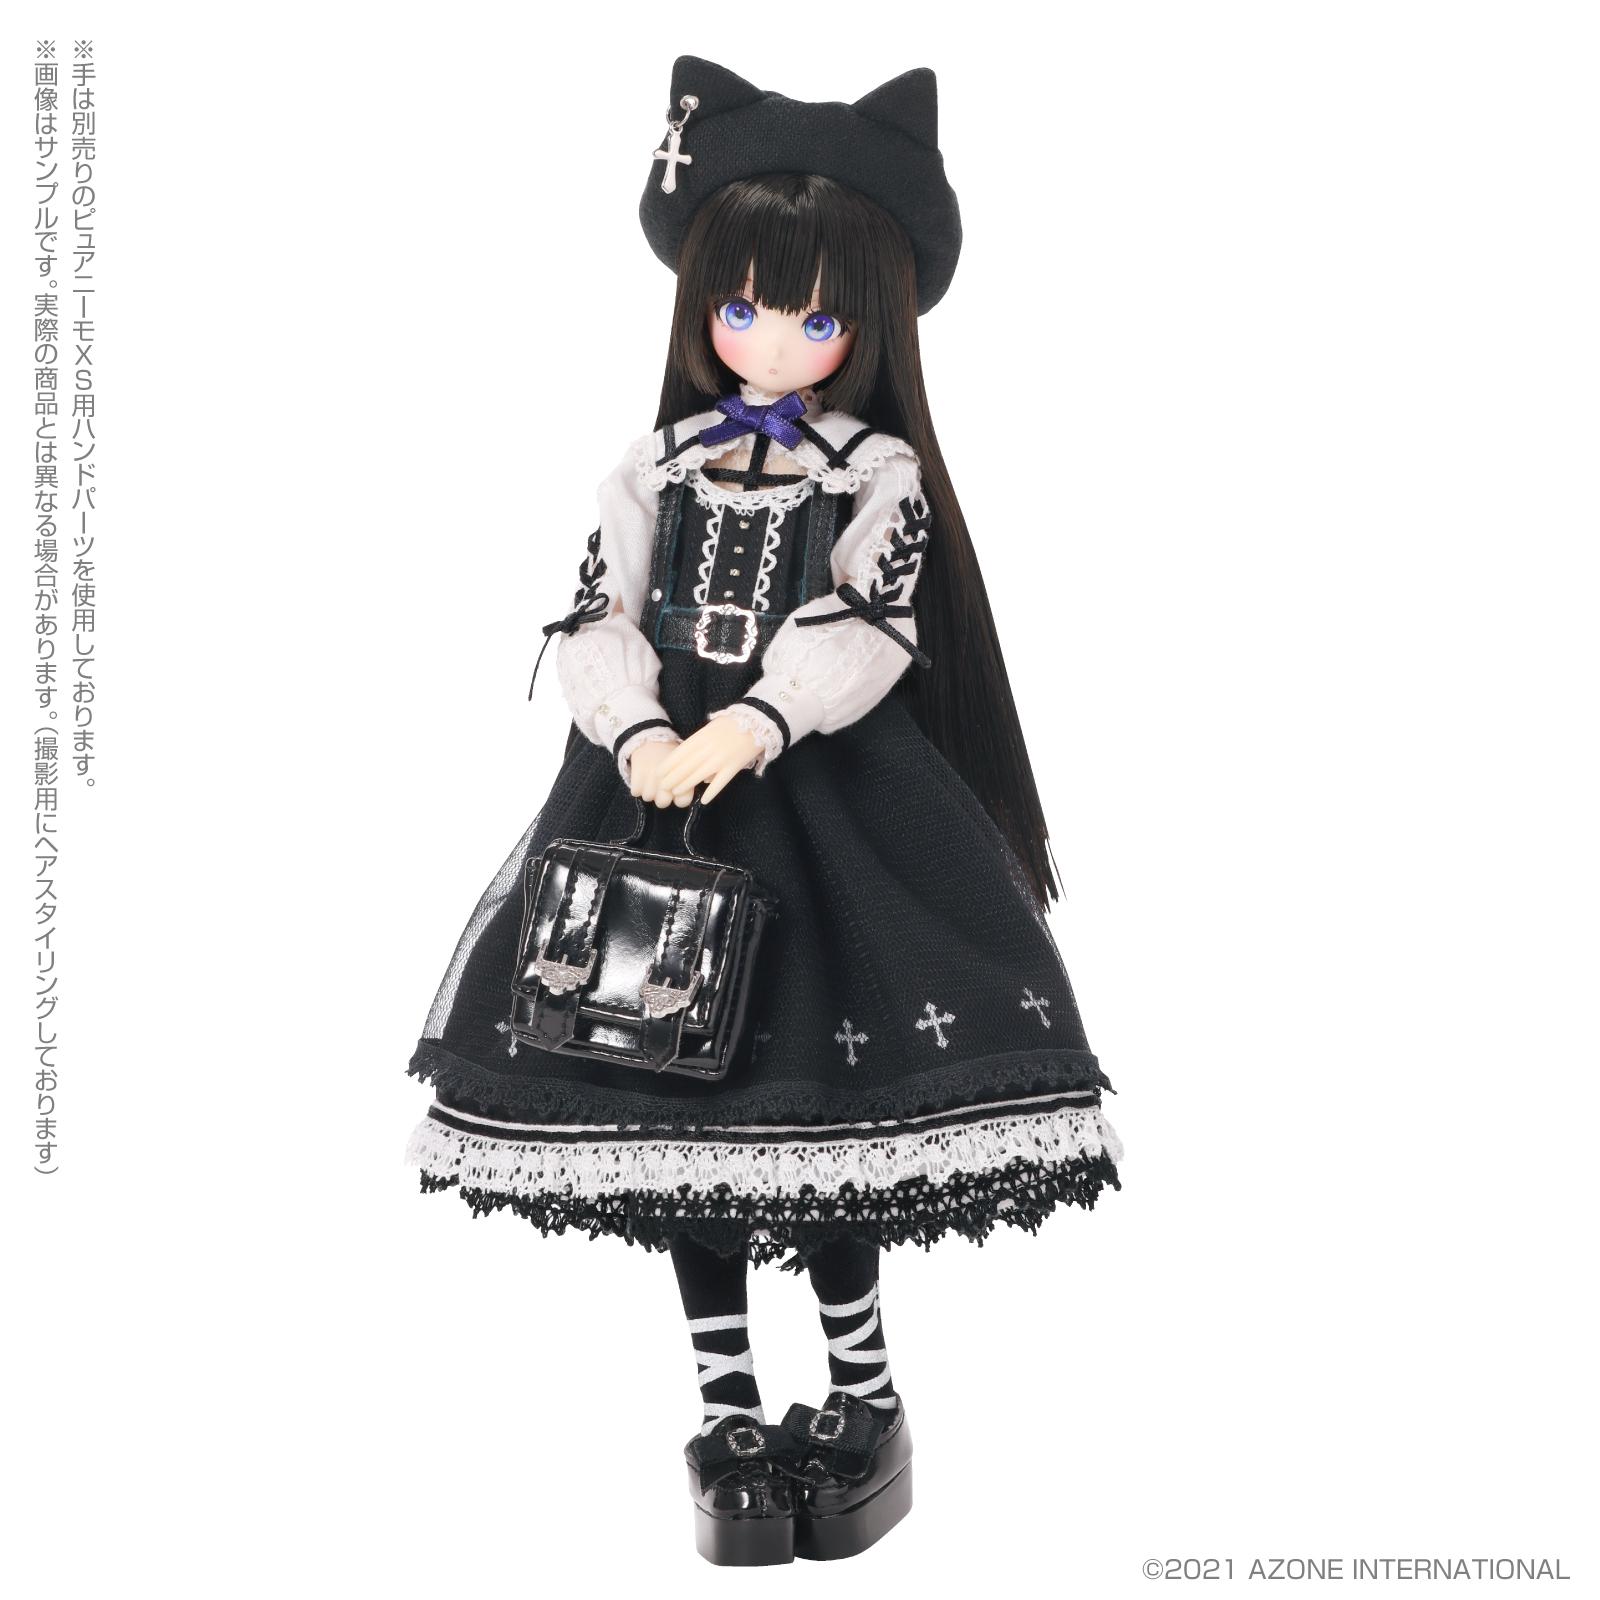 ルミナス*ストリート『みい/Mii ~Cat walking path~(通常販売ver.)』Luminous*Street 1/6 完成品ドール-010